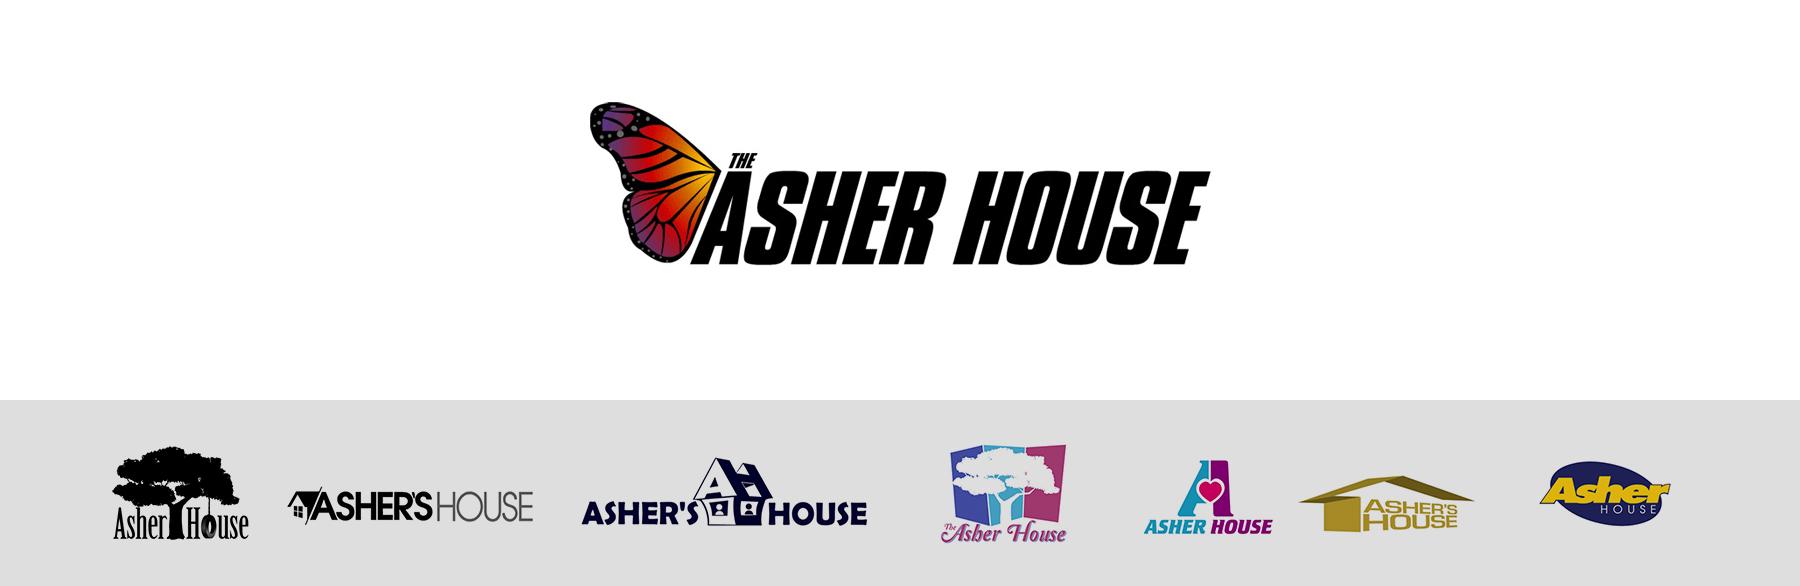 Asher-house.jpg